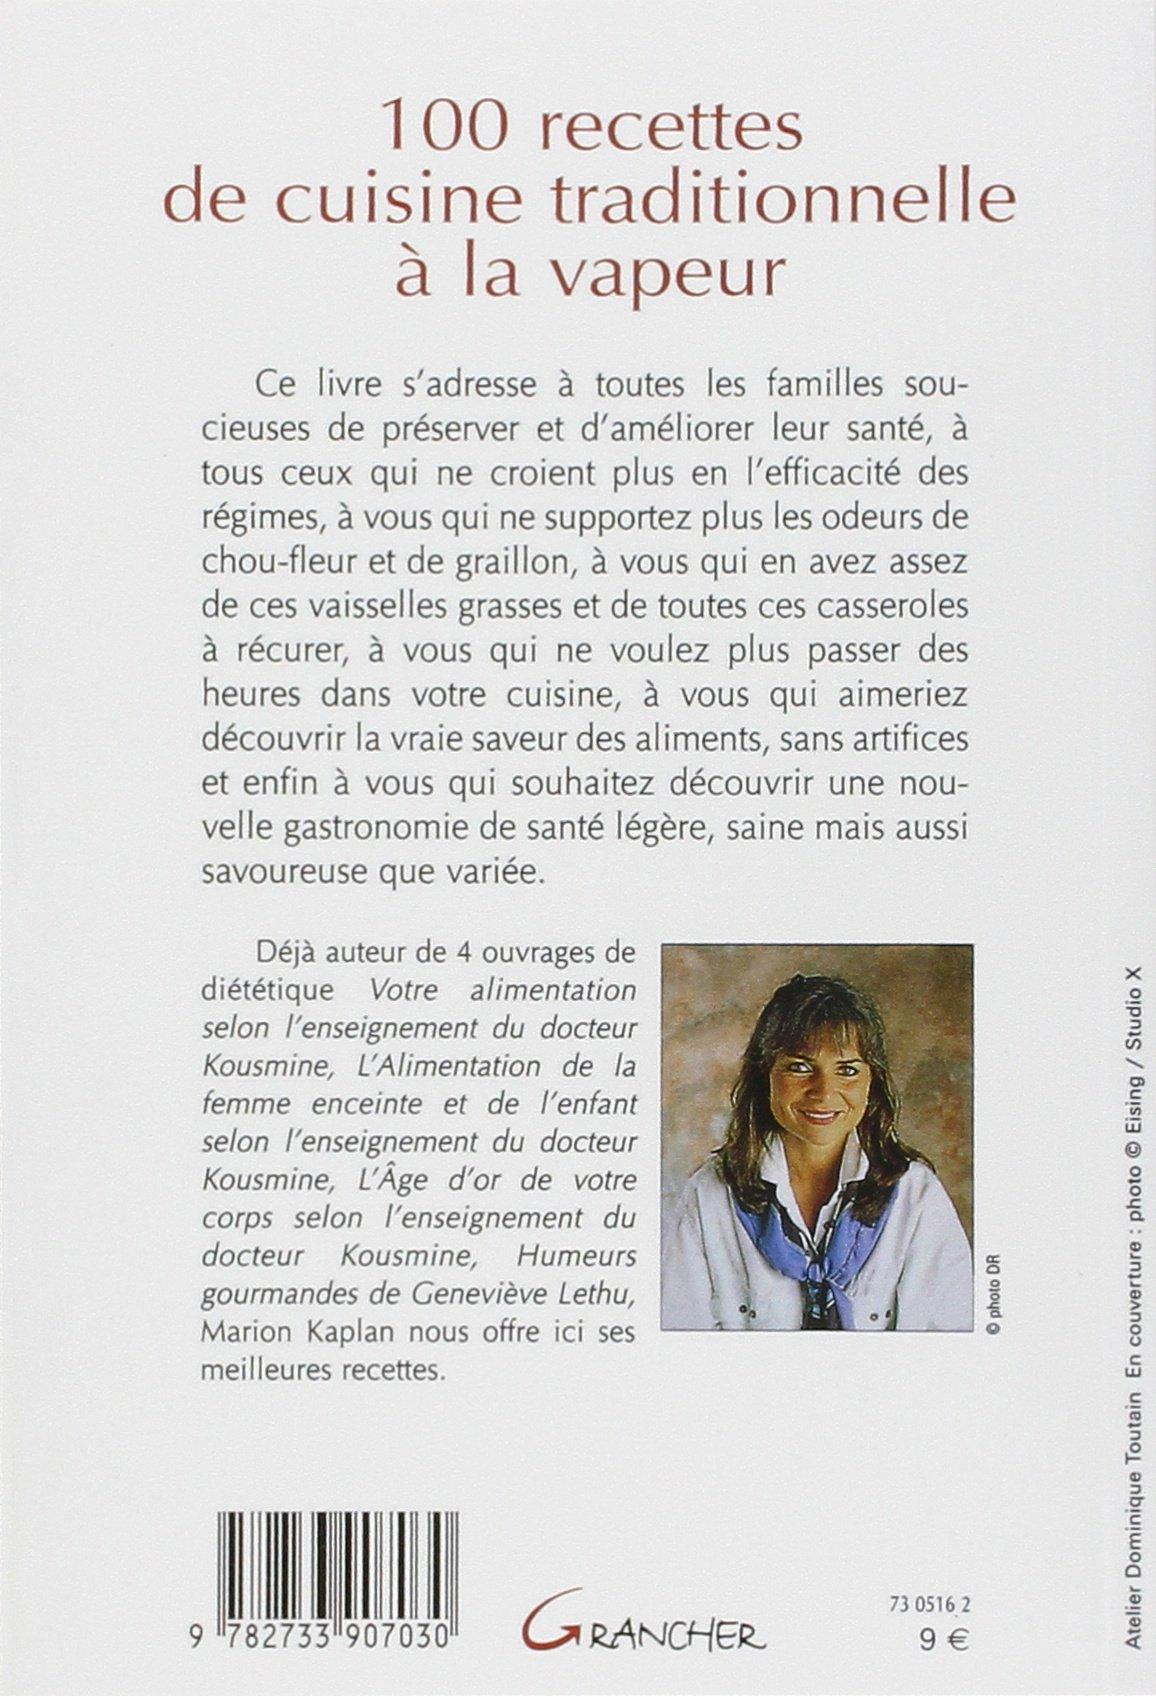 Amazon.fr - 100 recettes de cuisine traditionnelle à la vapeur - Marion  Kaplan - Livres